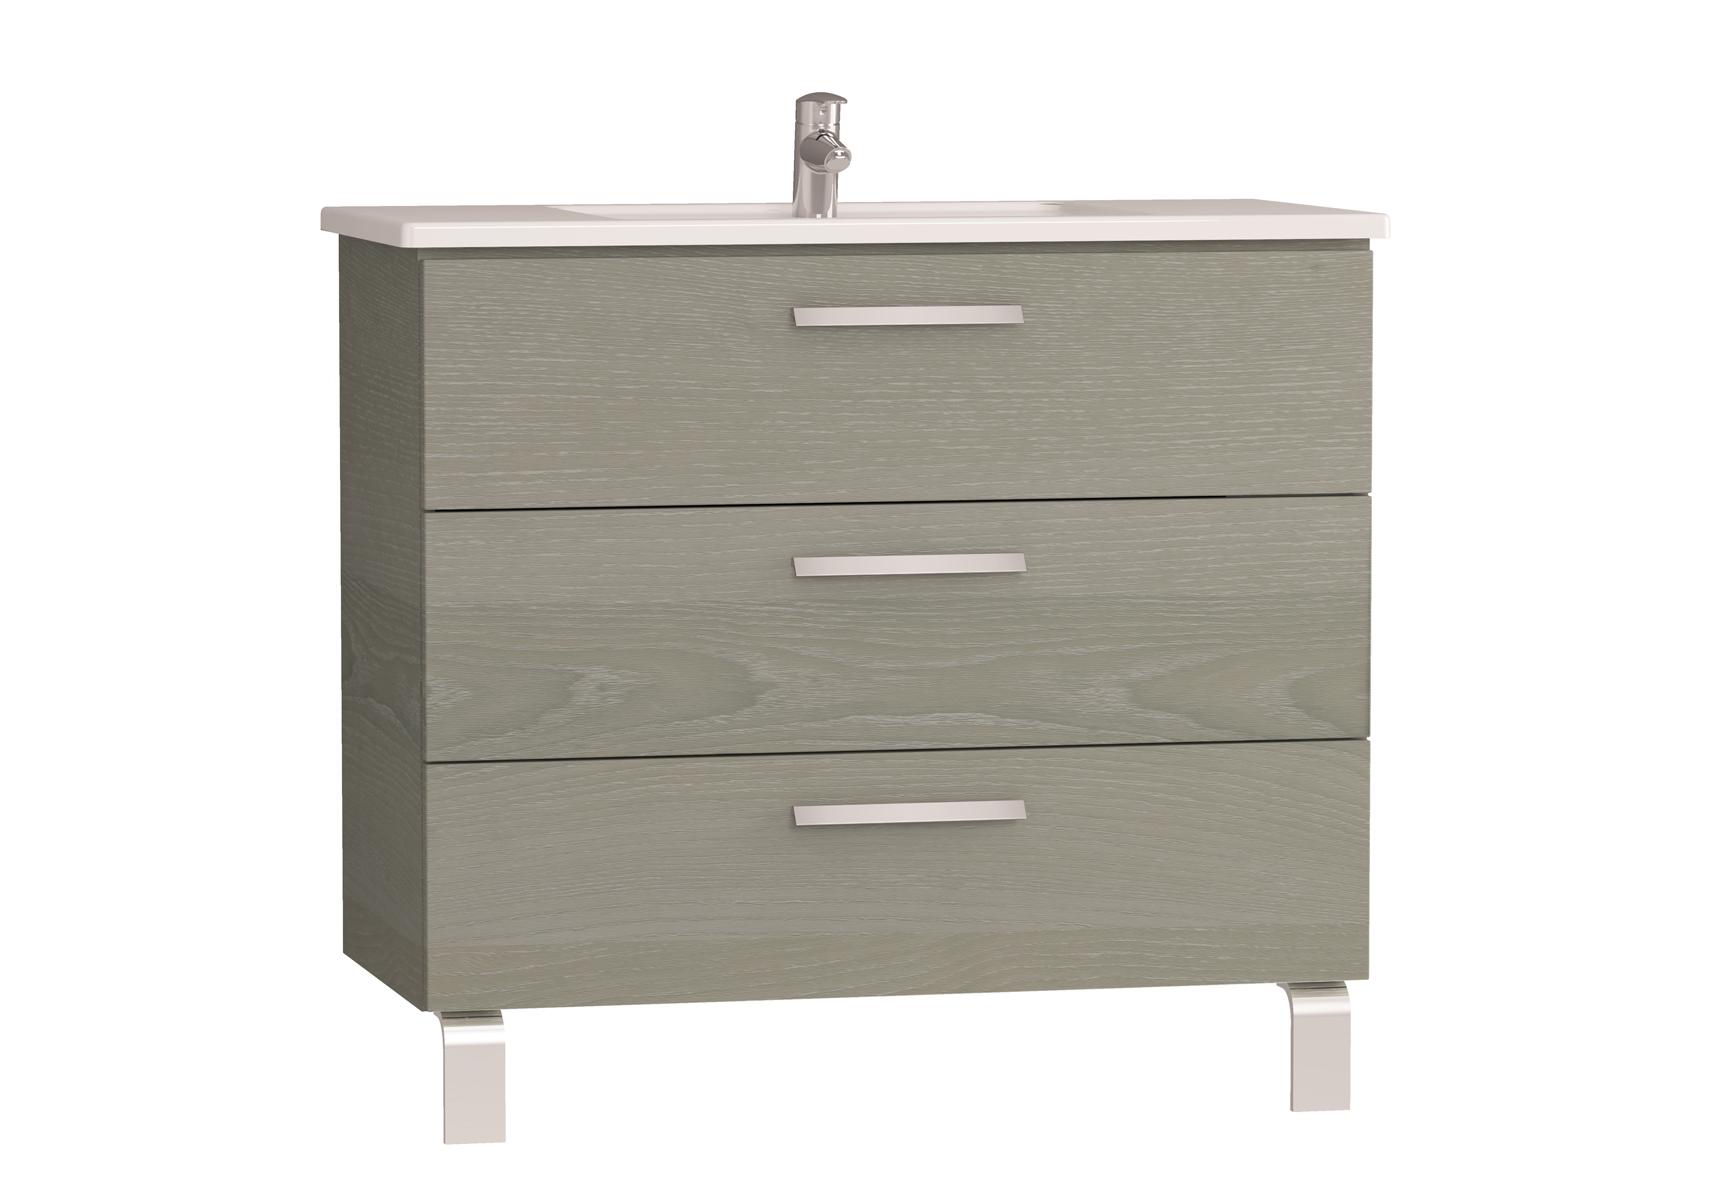 Integra meuble avec plan céramique avec trois tiroirs, 100 cm, chêne gris naturel